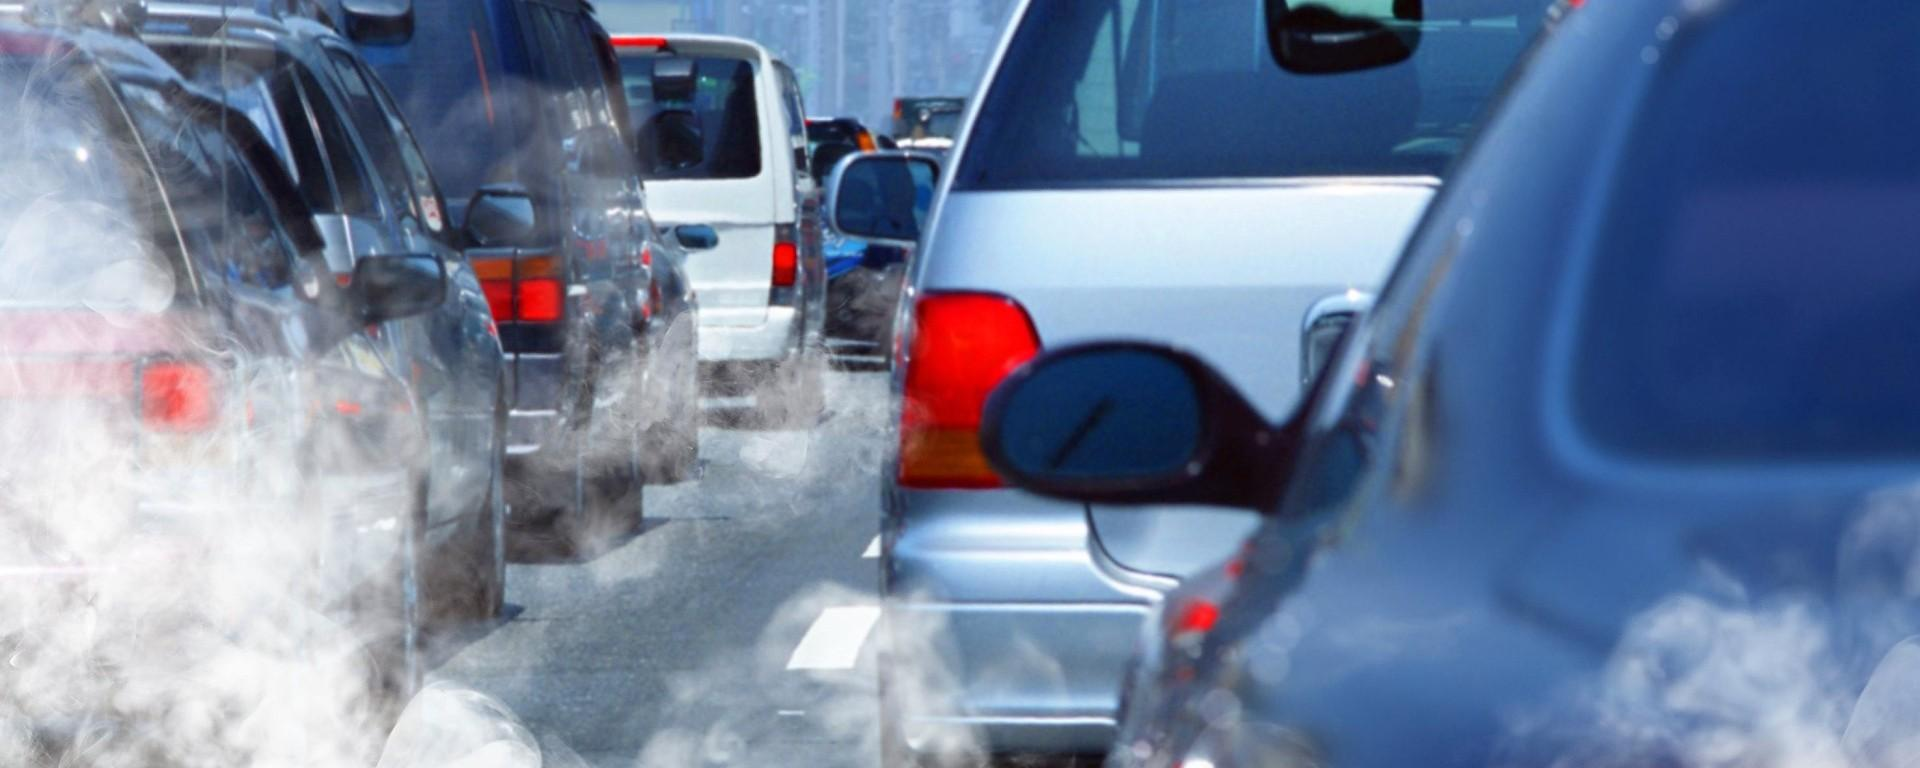 Quale carburante inquina meno tra benzina, diesel e gpl?